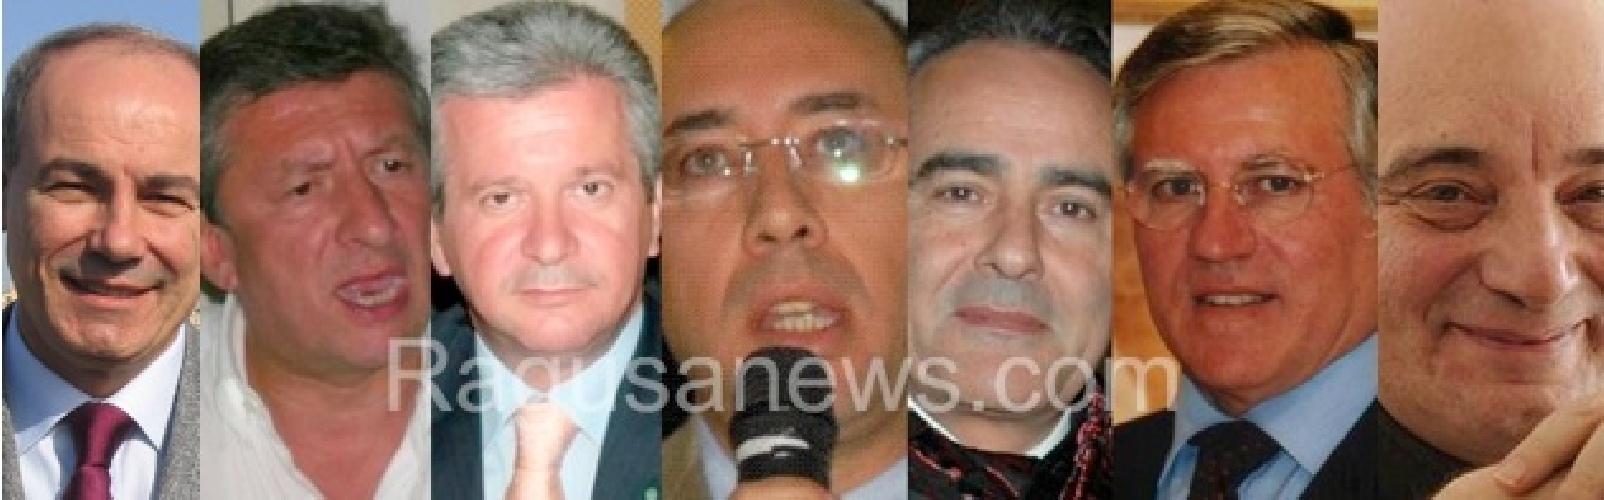 https://www.ragusanews.com//immagini_articoli/14-01-2014/83-deputati-siciliani-indagati-per-spese-pazze-sette-iblei-500.jpg